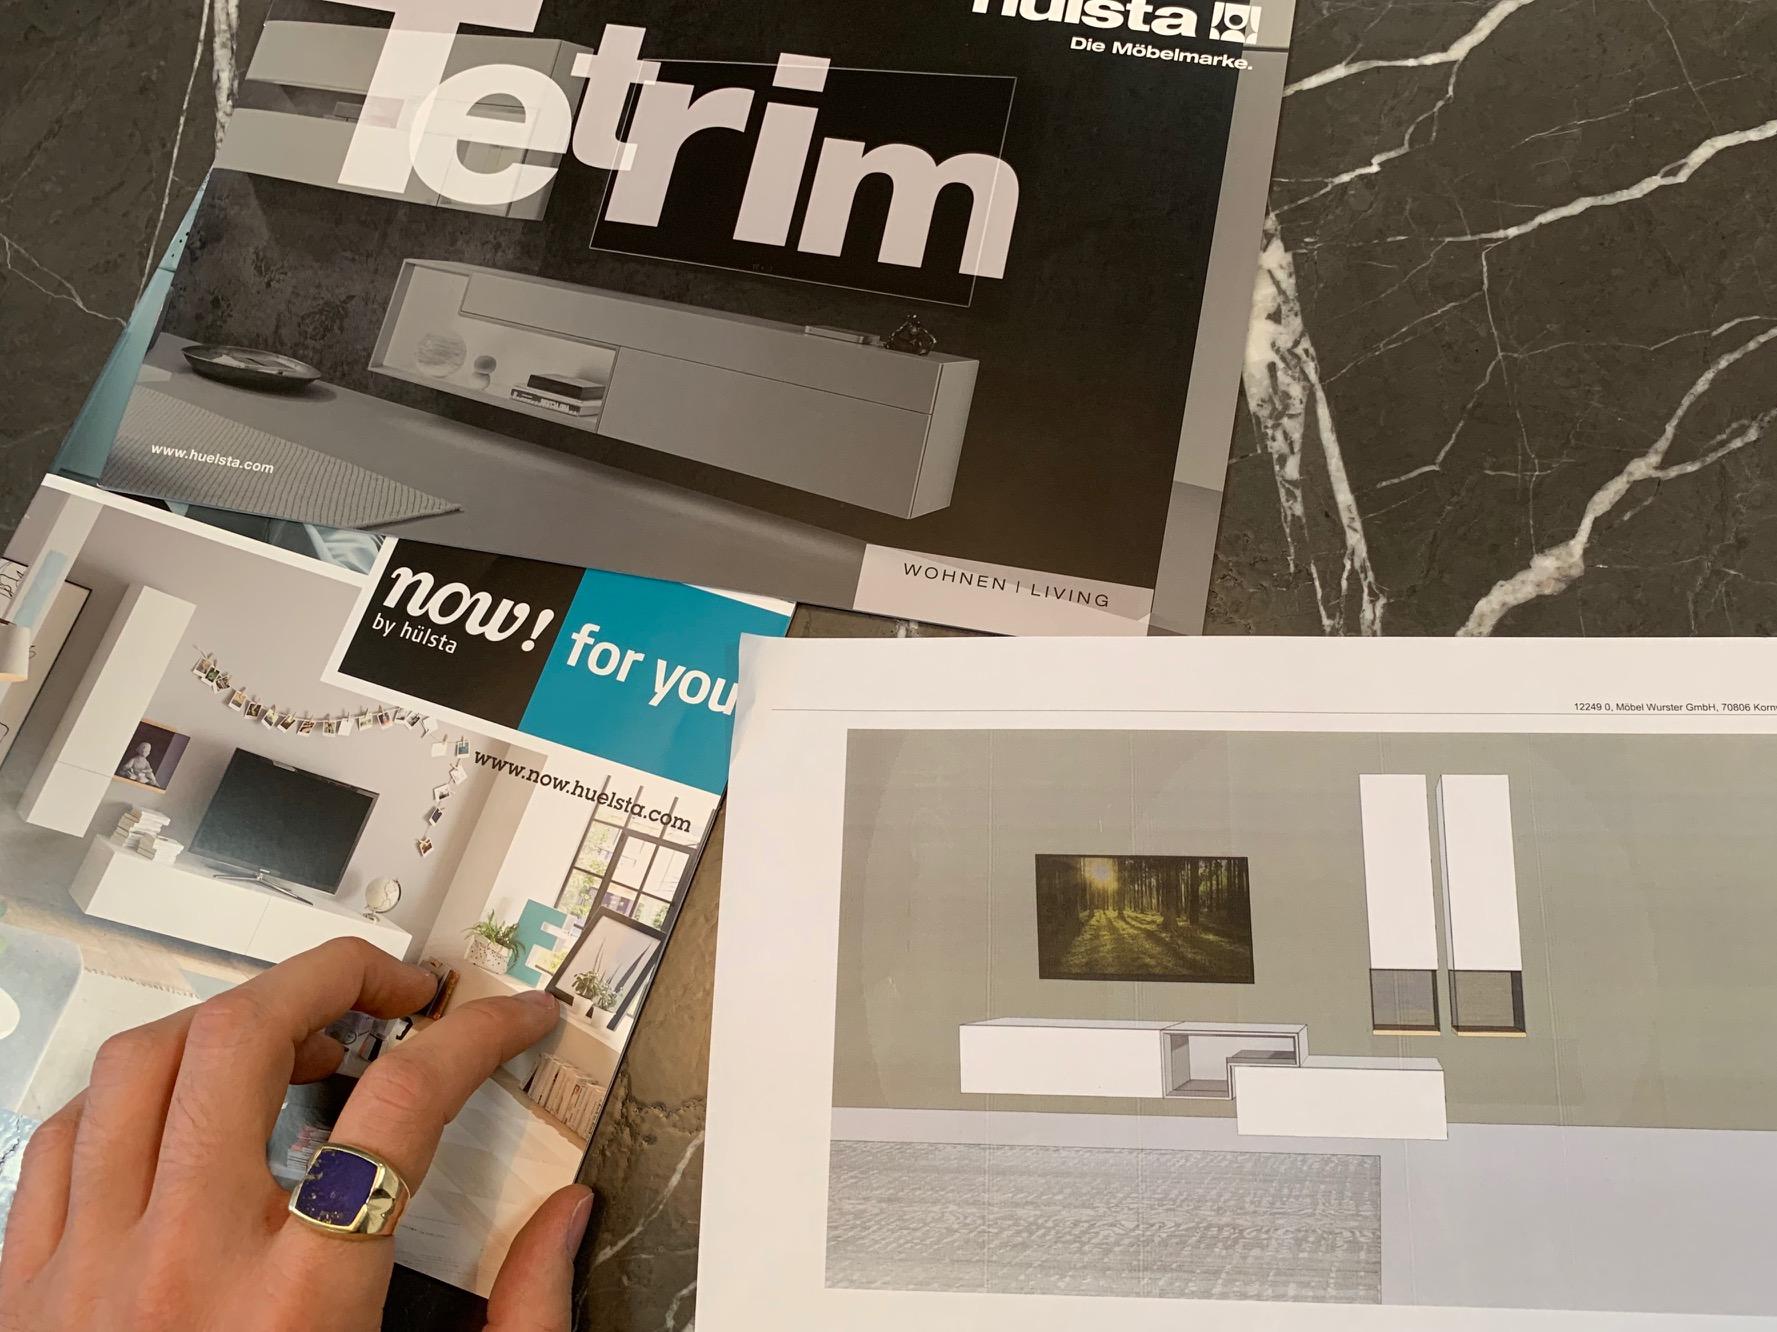 Planungs-Zeichnung zur Crossover-Wohnwand aus den Programmen NOW! for you und hülsta TETRIM